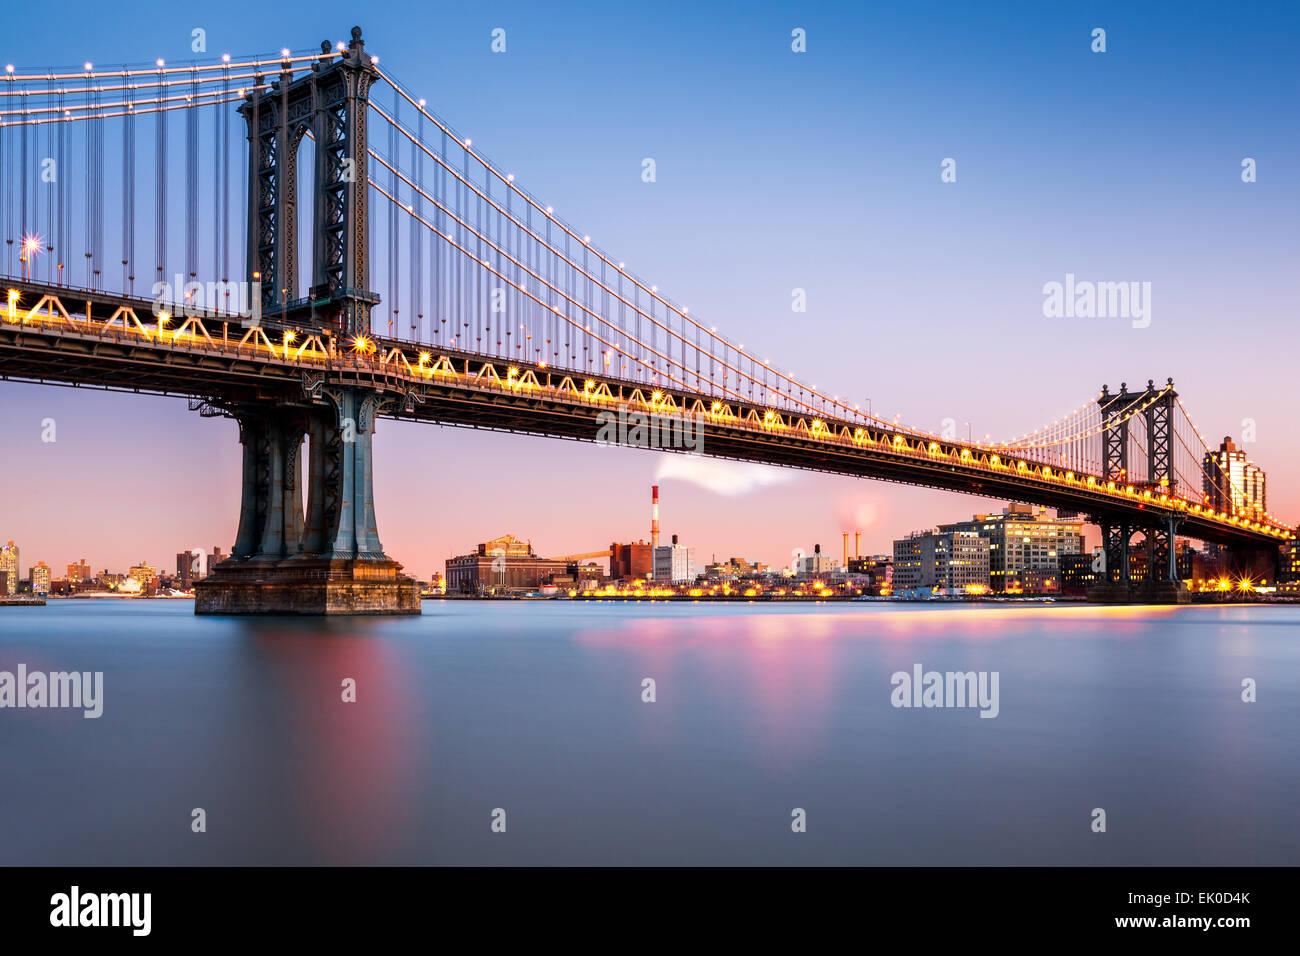 Manhattan Bridge illuminato al crepuscolo (molto lunga esposizione per una superficie perfettamente liscia acqua) Immagini Stock